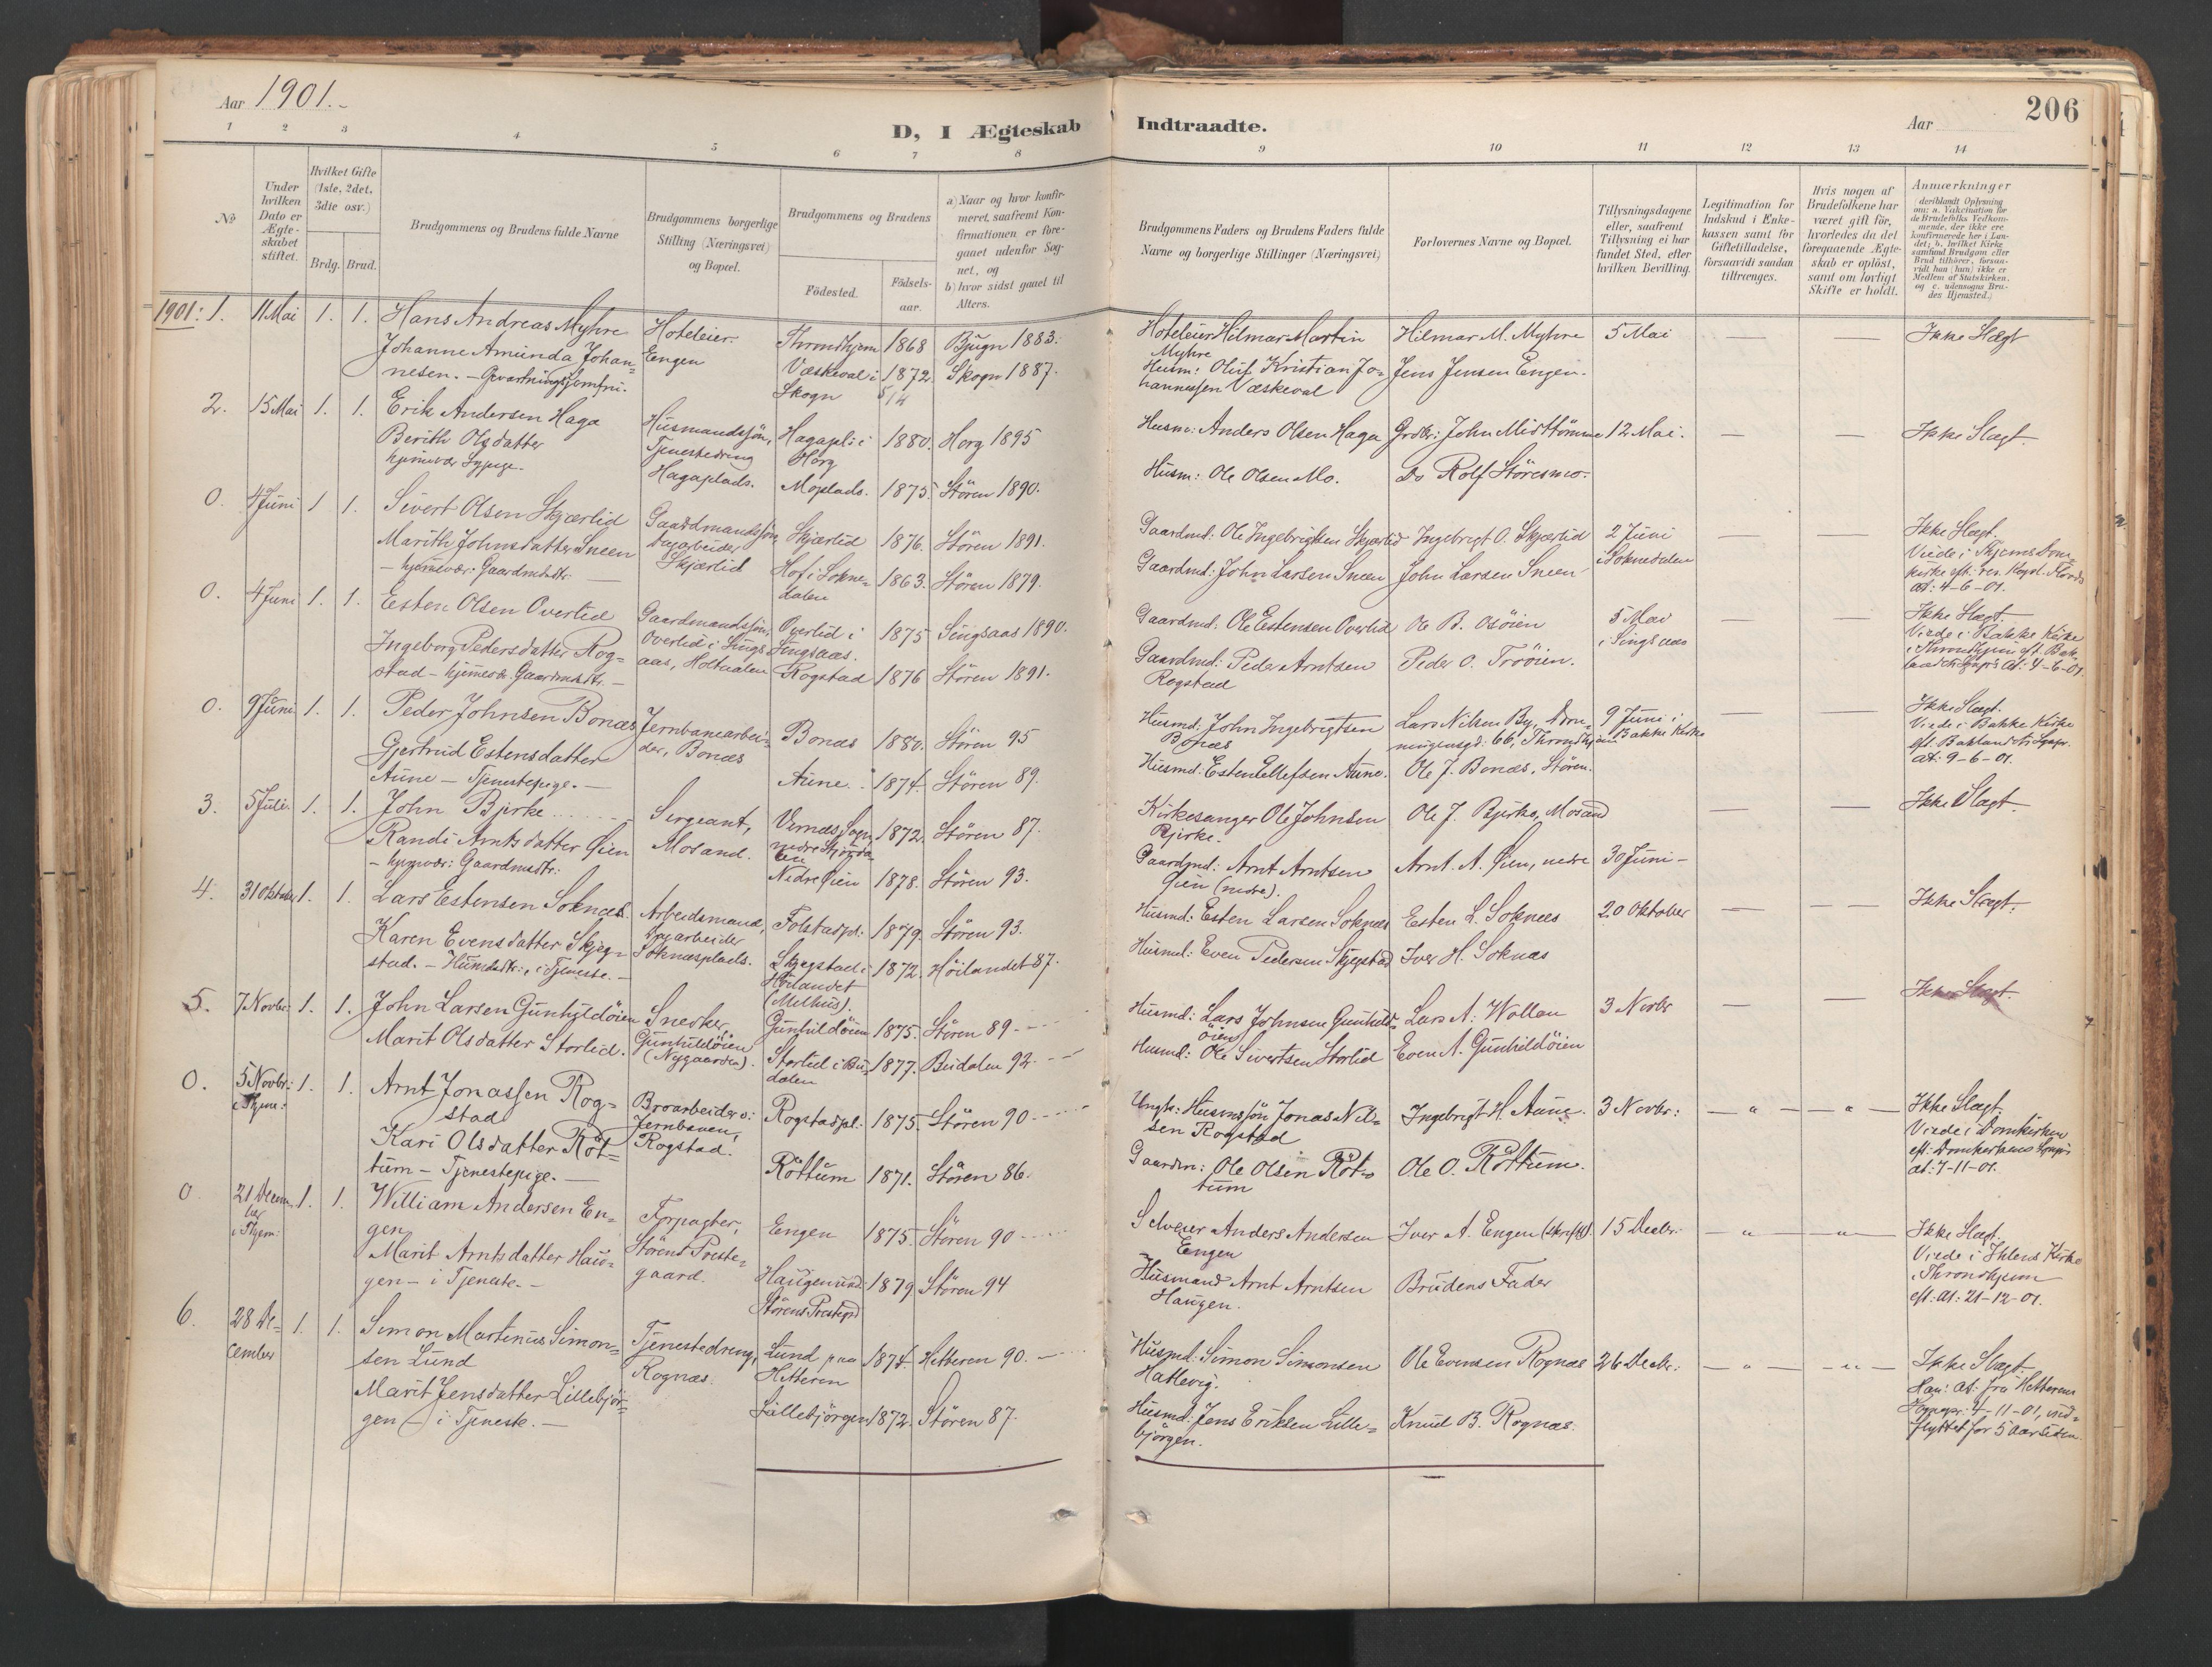 SAT, Ministerialprotokoller, klokkerbøker og fødselsregistre - Sør-Trøndelag, 687/L1004: Ministerialbok nr. 687A10, 1891-1923, s. 206